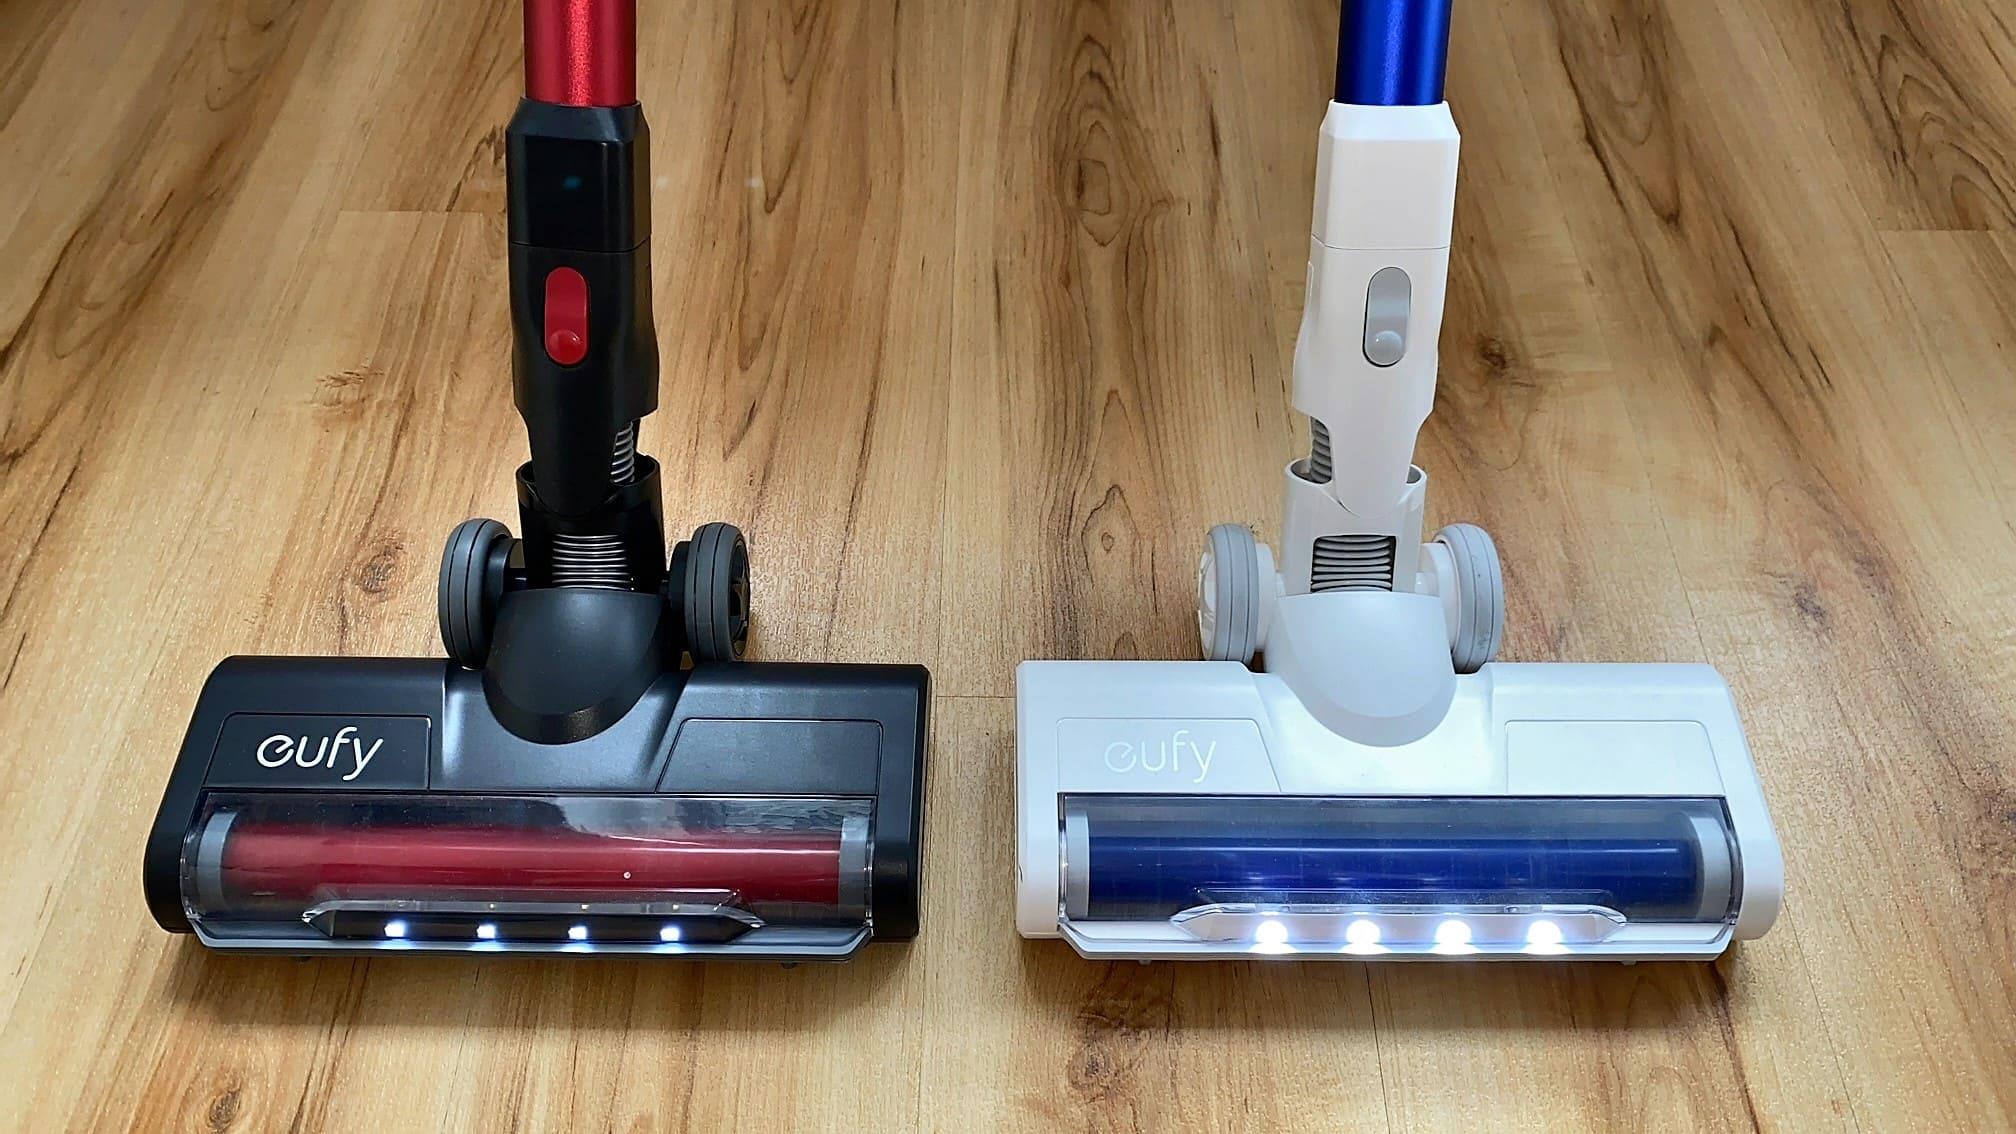 Sind LED-Leuchten am Akkusauger sinnvoll